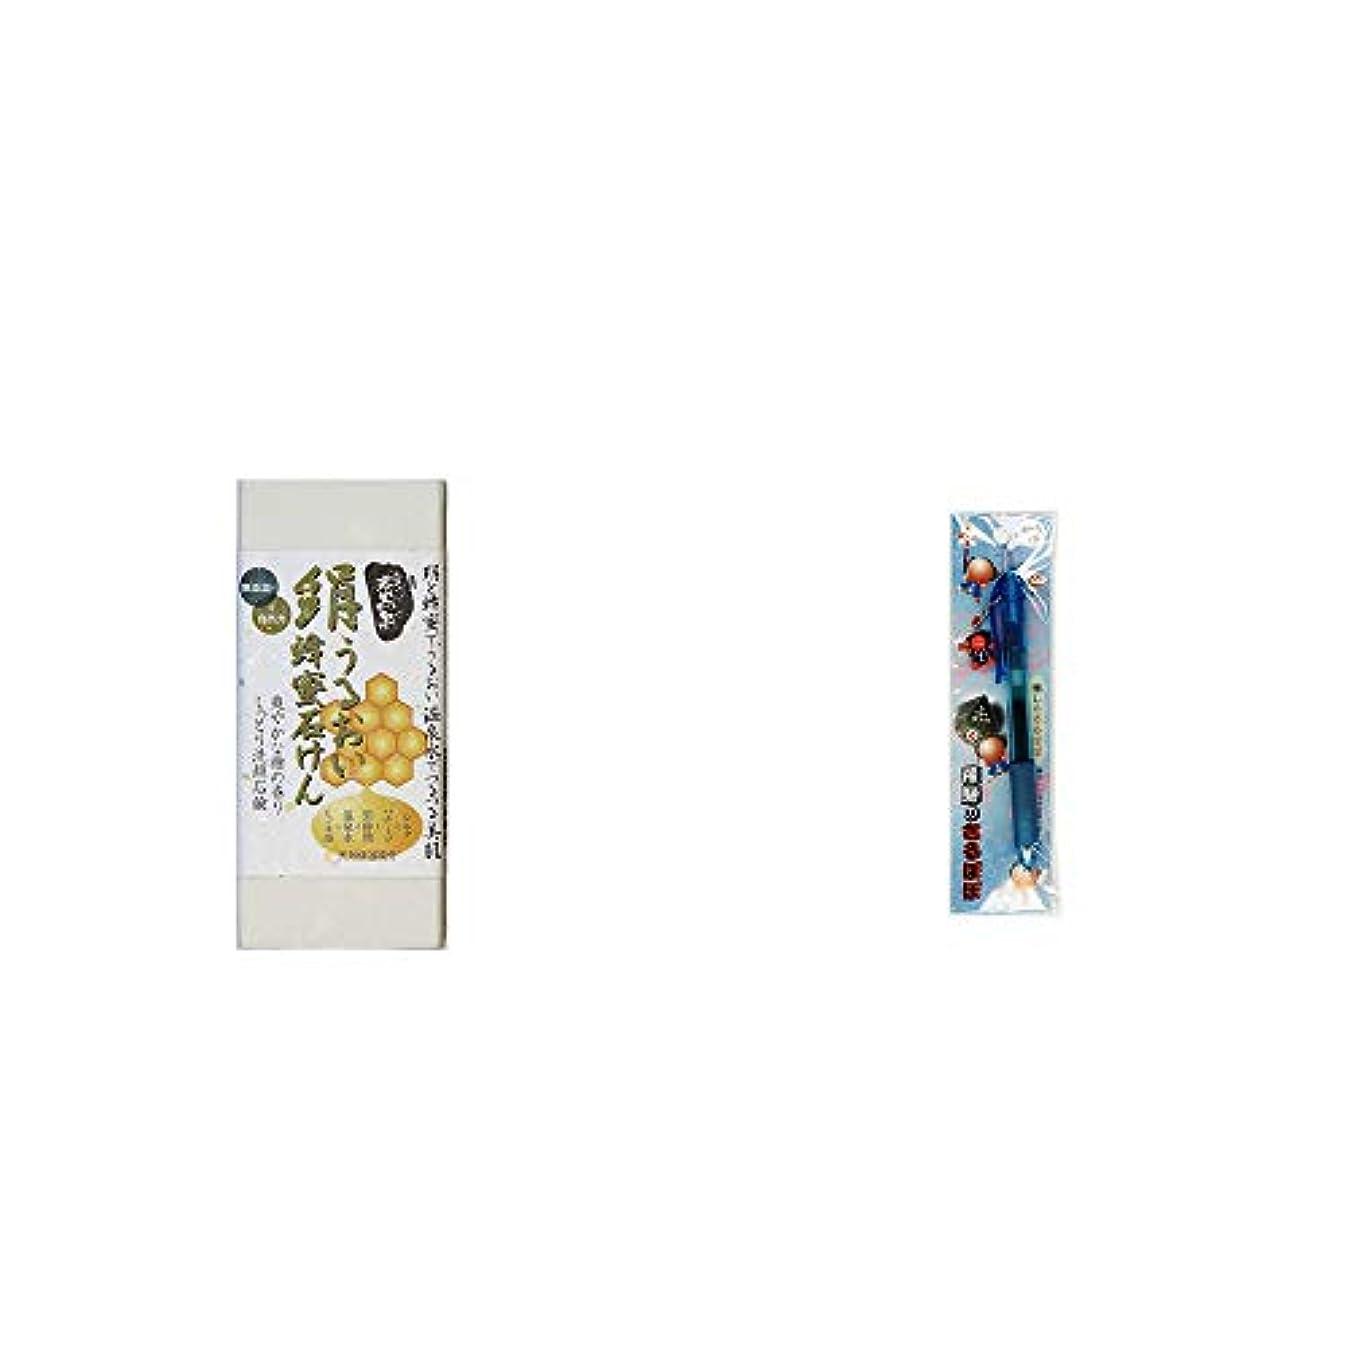 基準大混乱猛烈な[2点セット] ひのき炭黒泉 絹うるおい蜂蜜石けん(75g×2)?さるぼぼ 癒しボールペン 【ブルー】